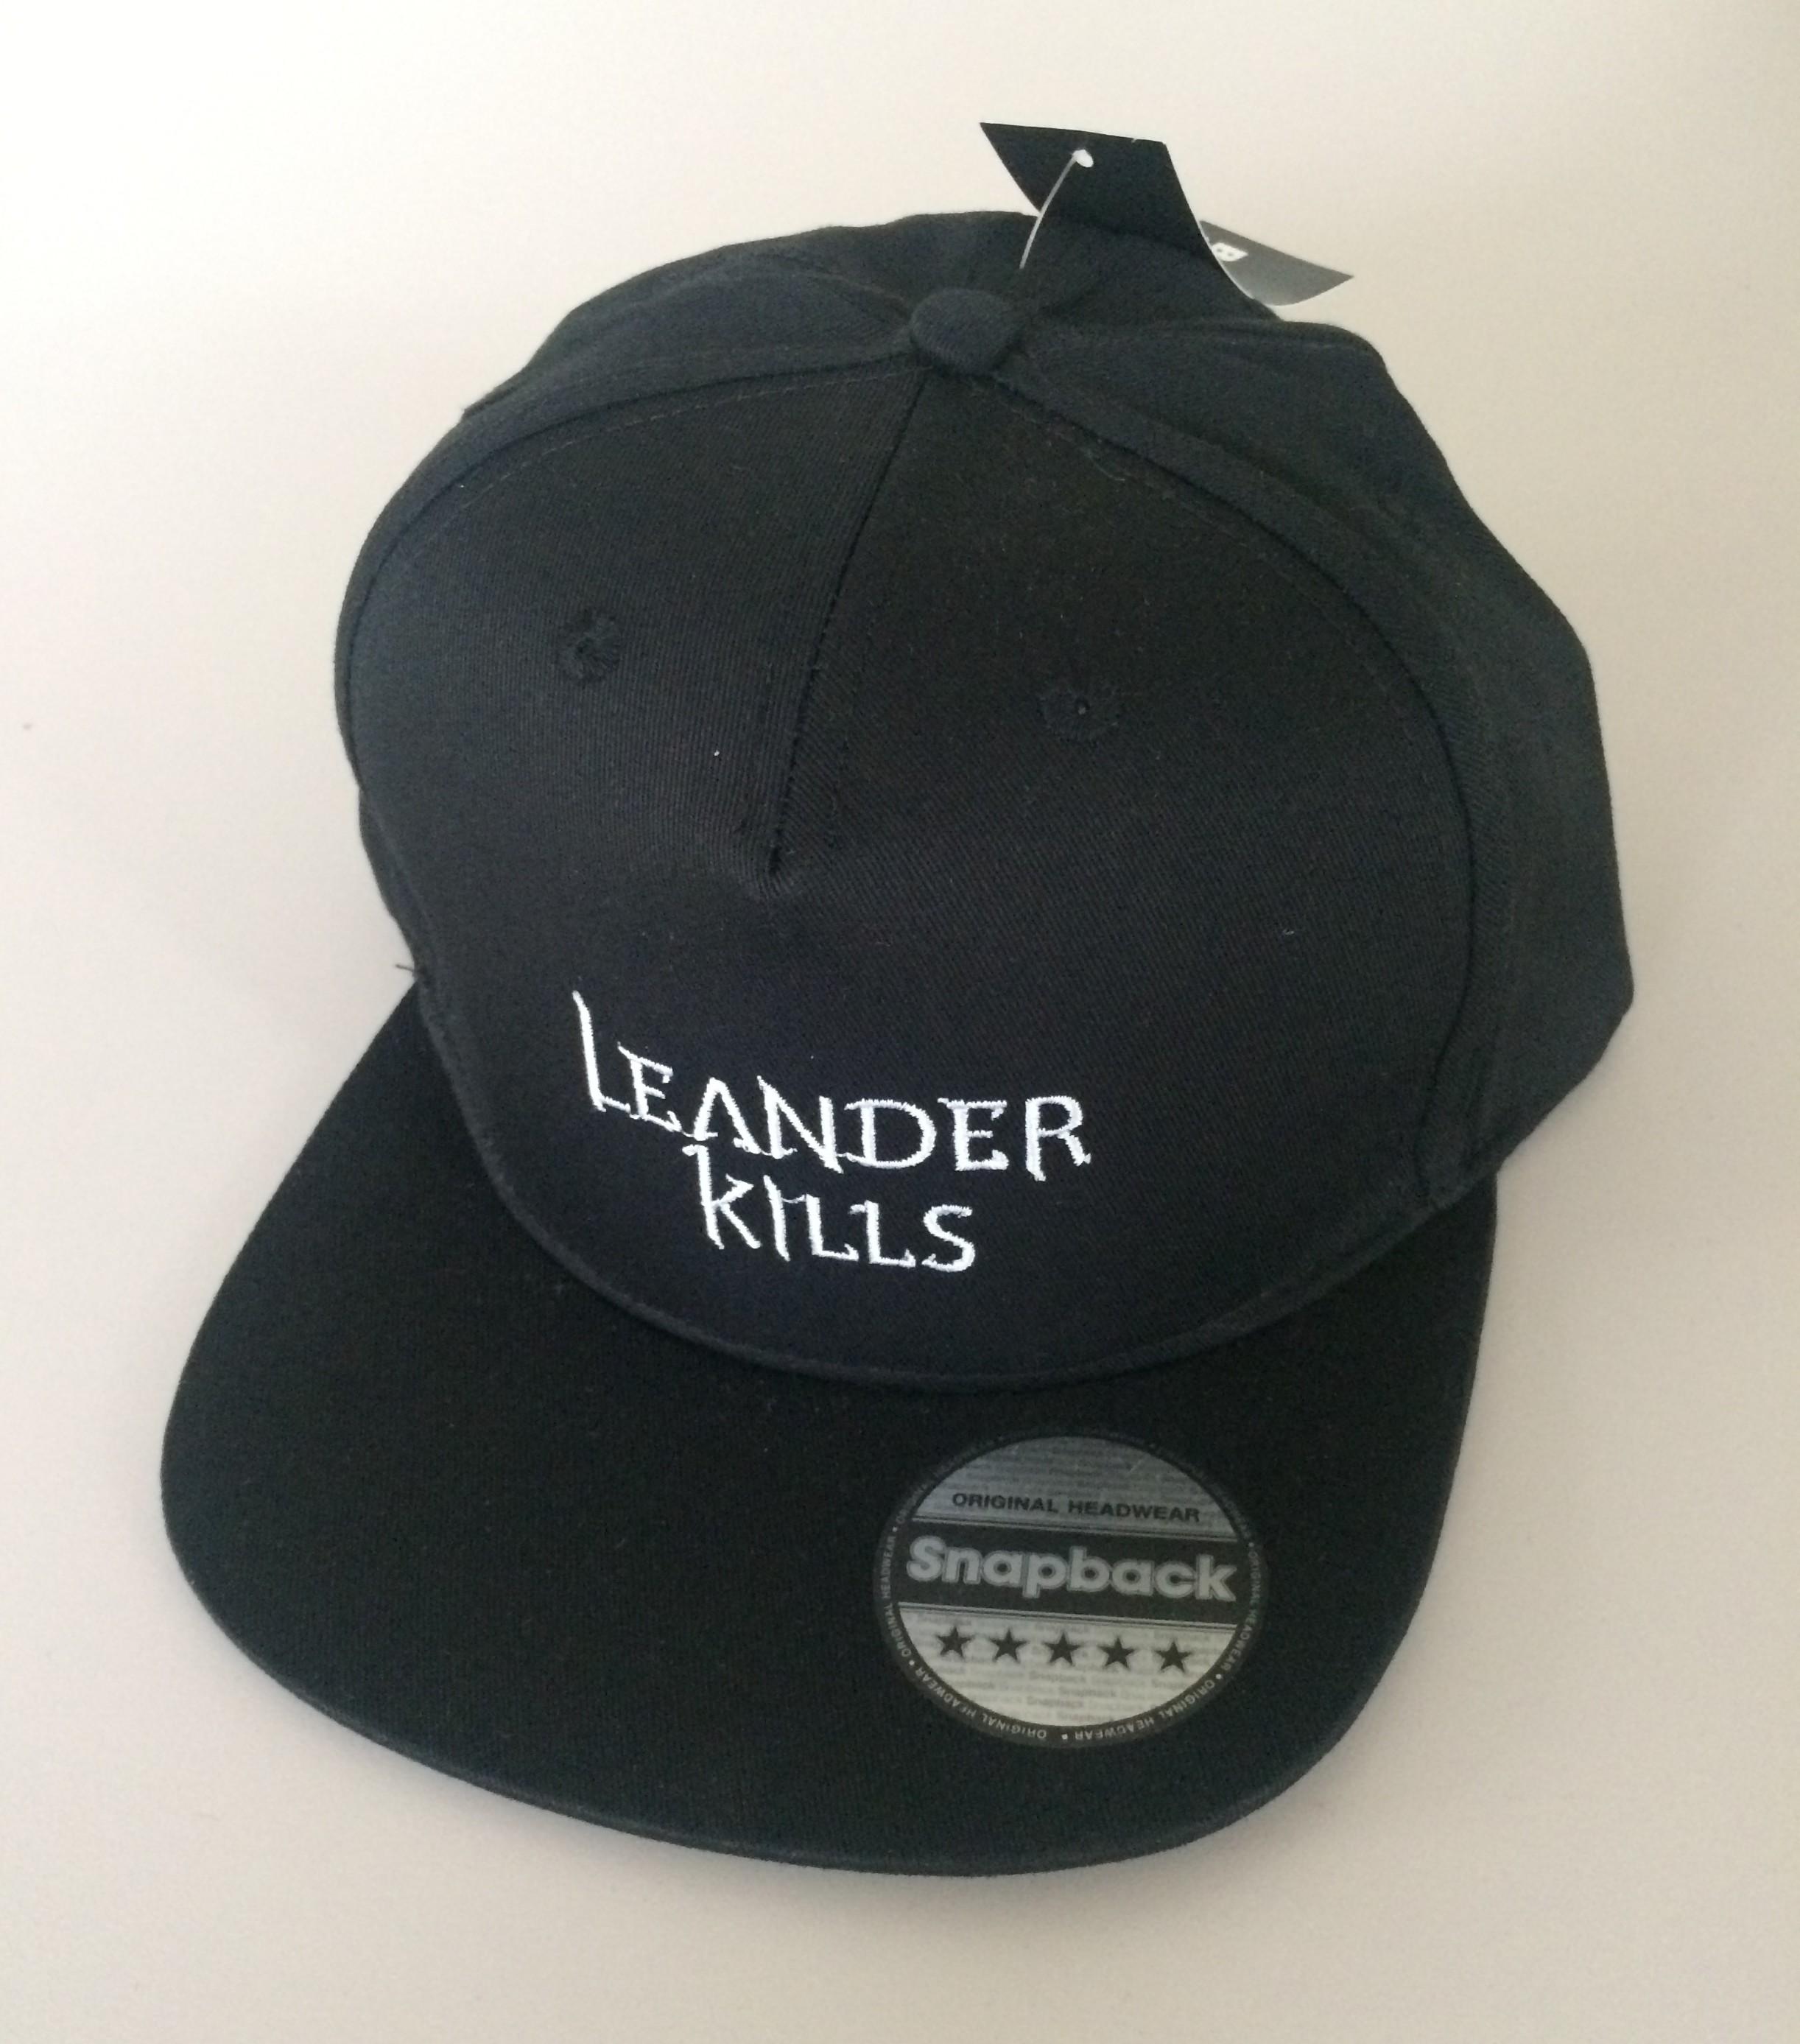 Leander Kills - sapka (snapback - fehér logo) ⋆ Leander Kills Webshop 40d22fb04e